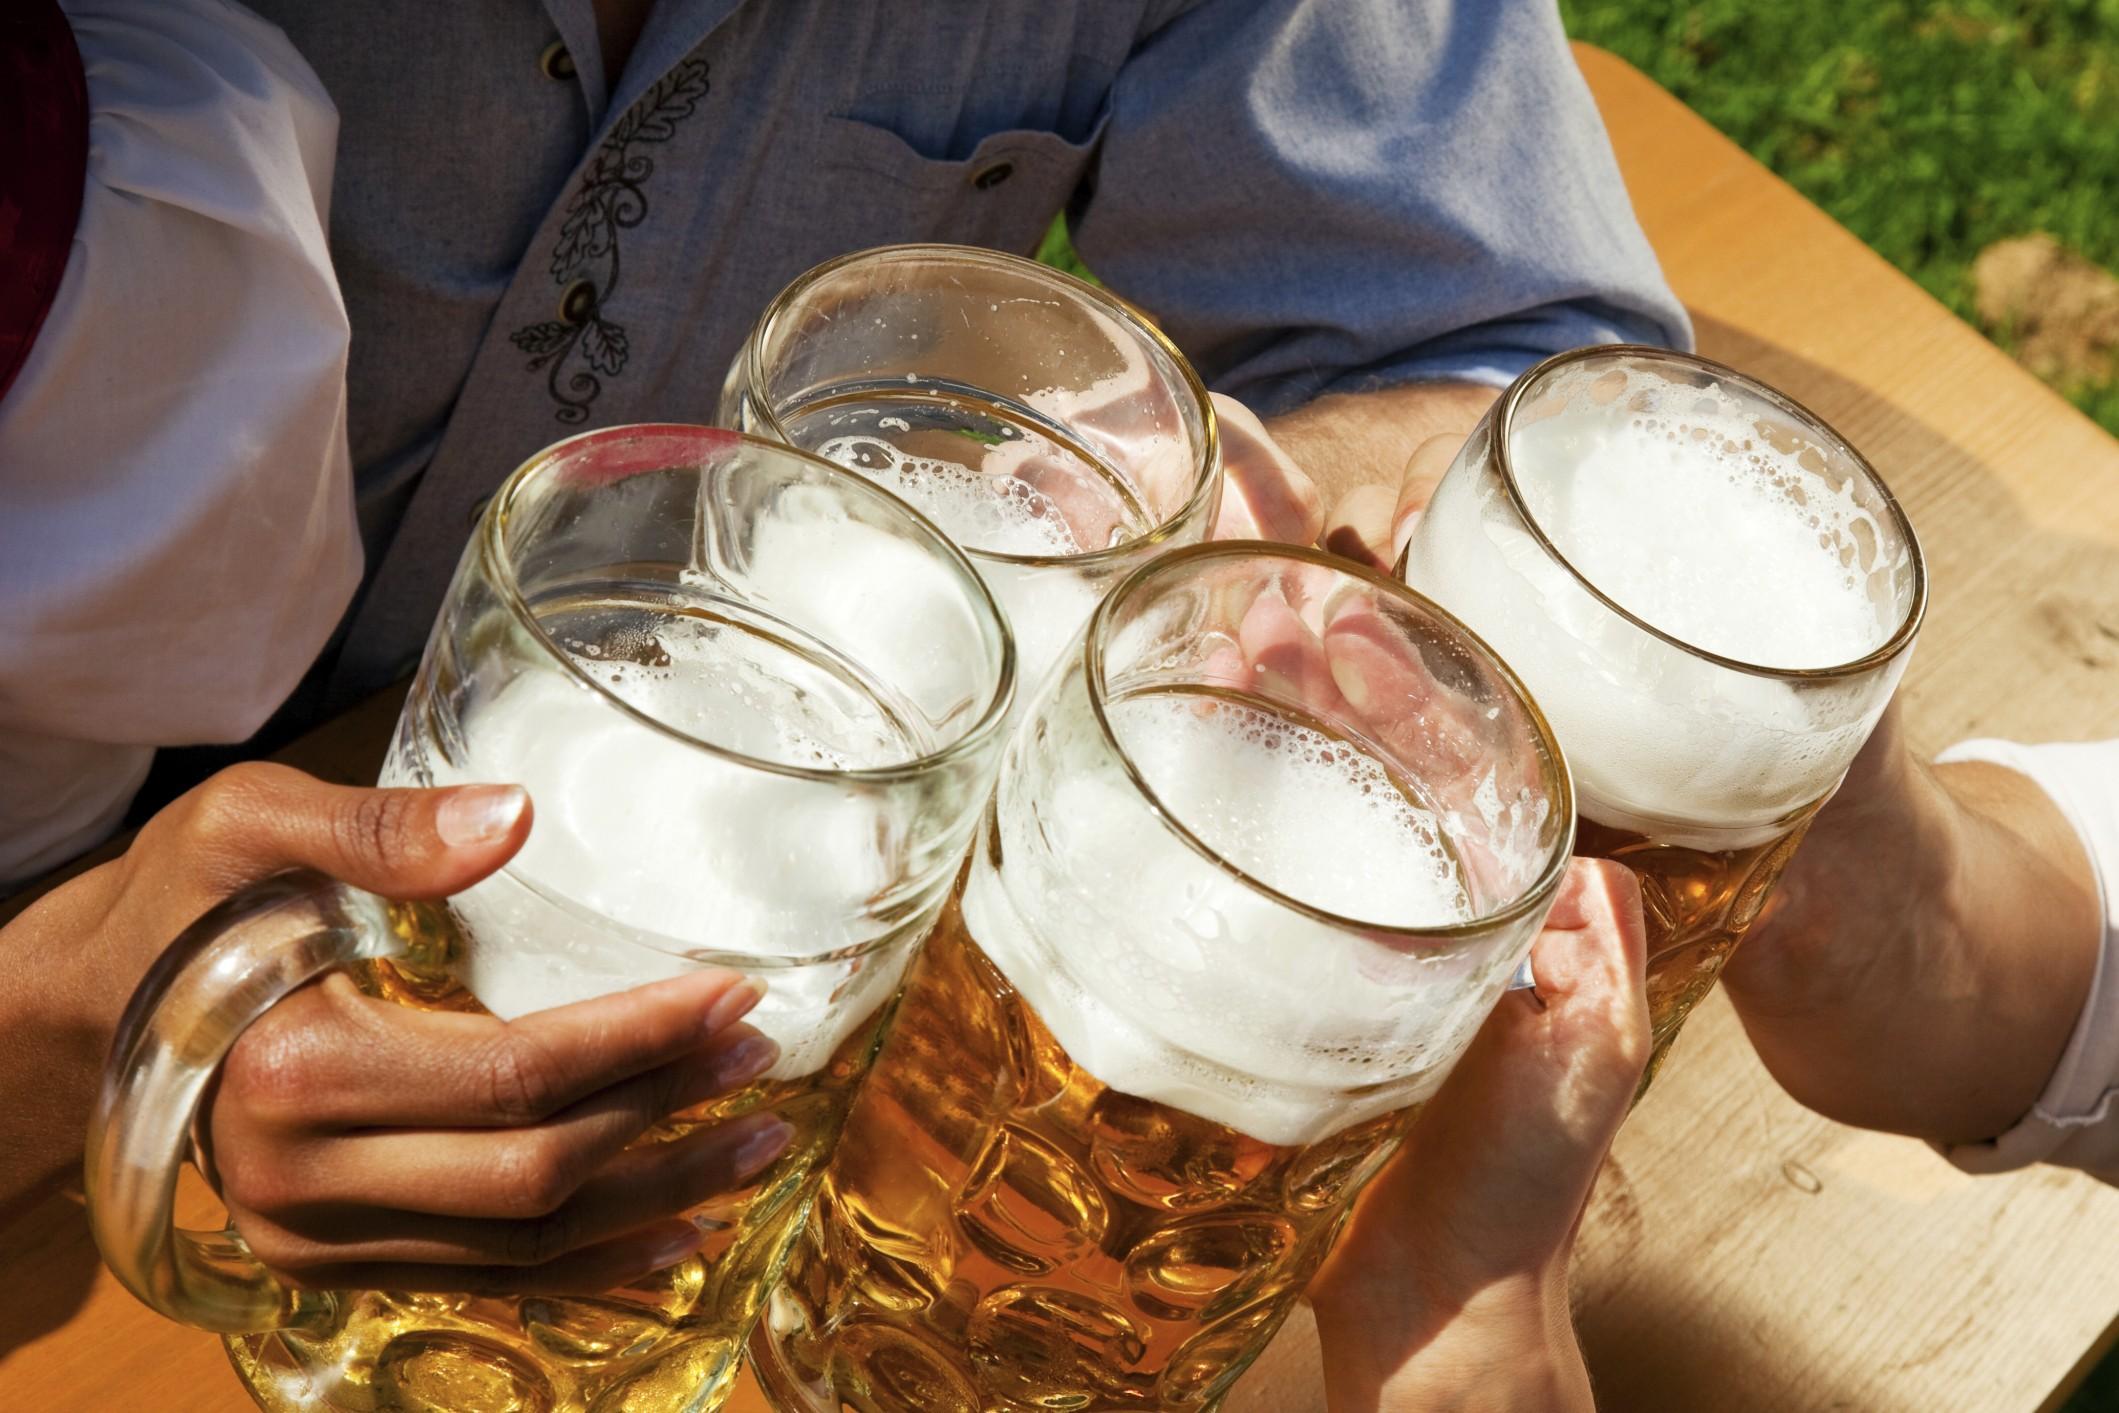 Vorresti lavorare come assaggiatore di birra? Ecco l'annuncio di lavoro per te!